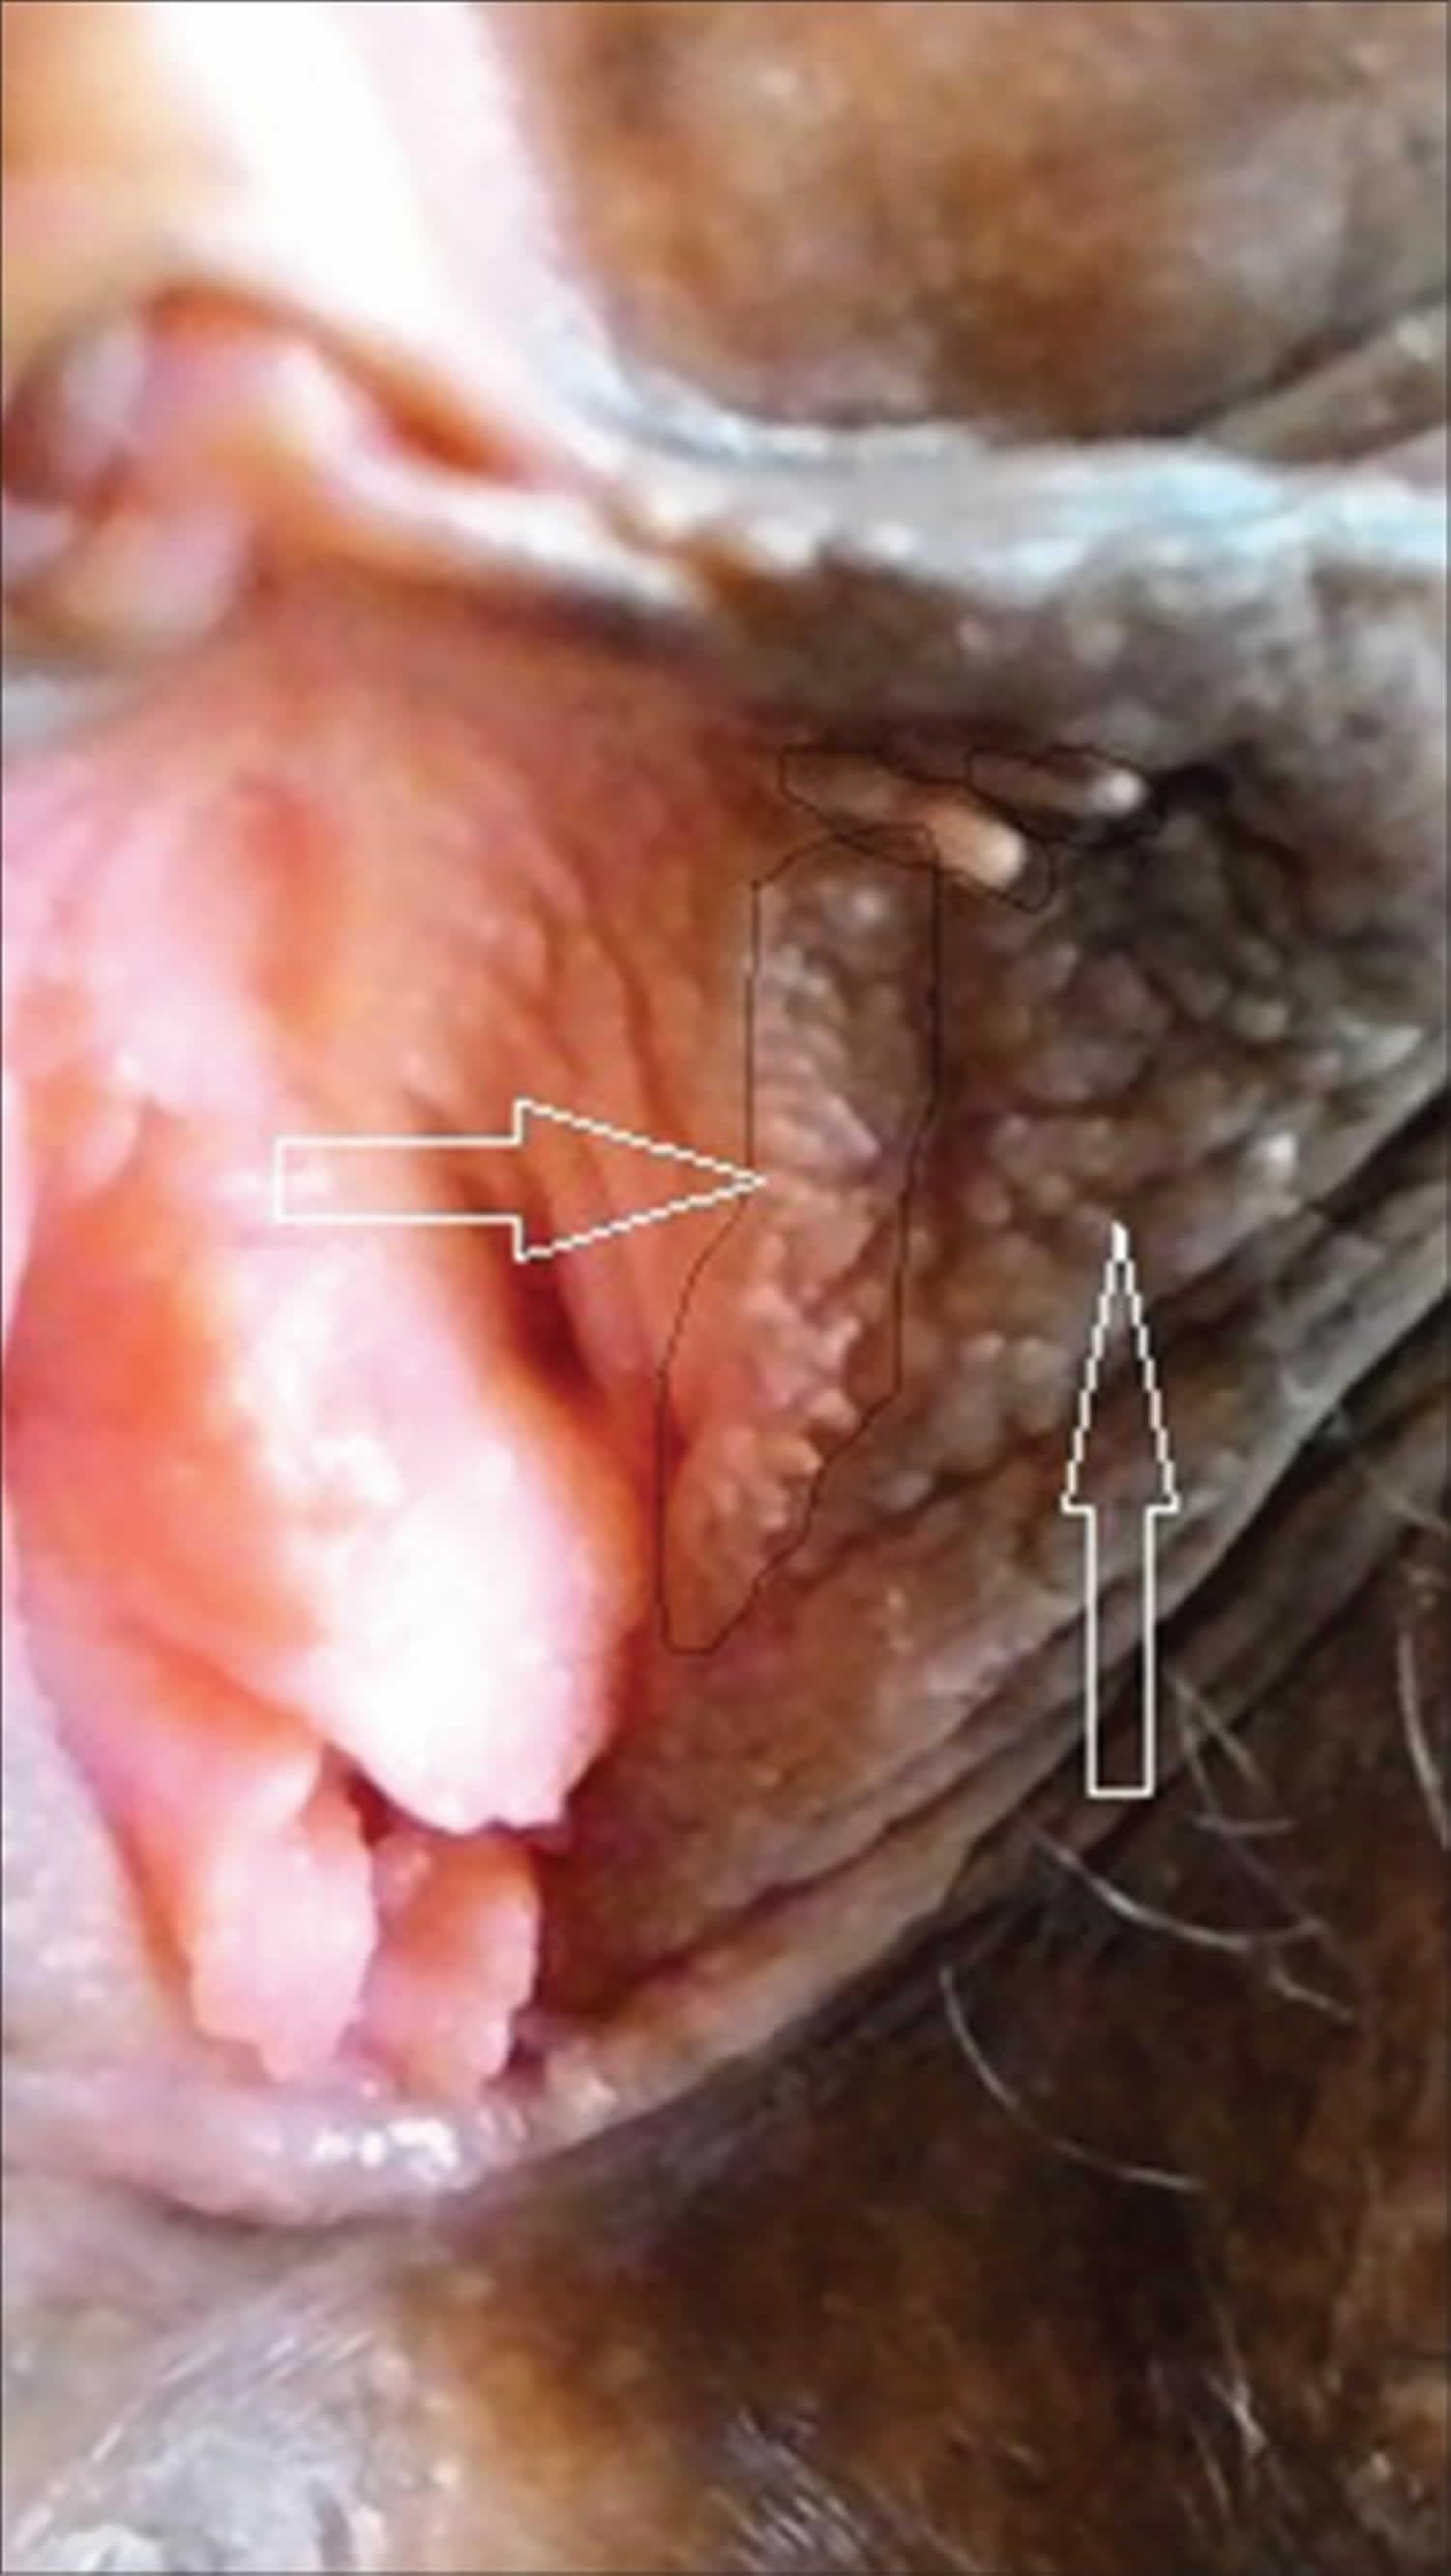 vestibular papillomatosis is normal)